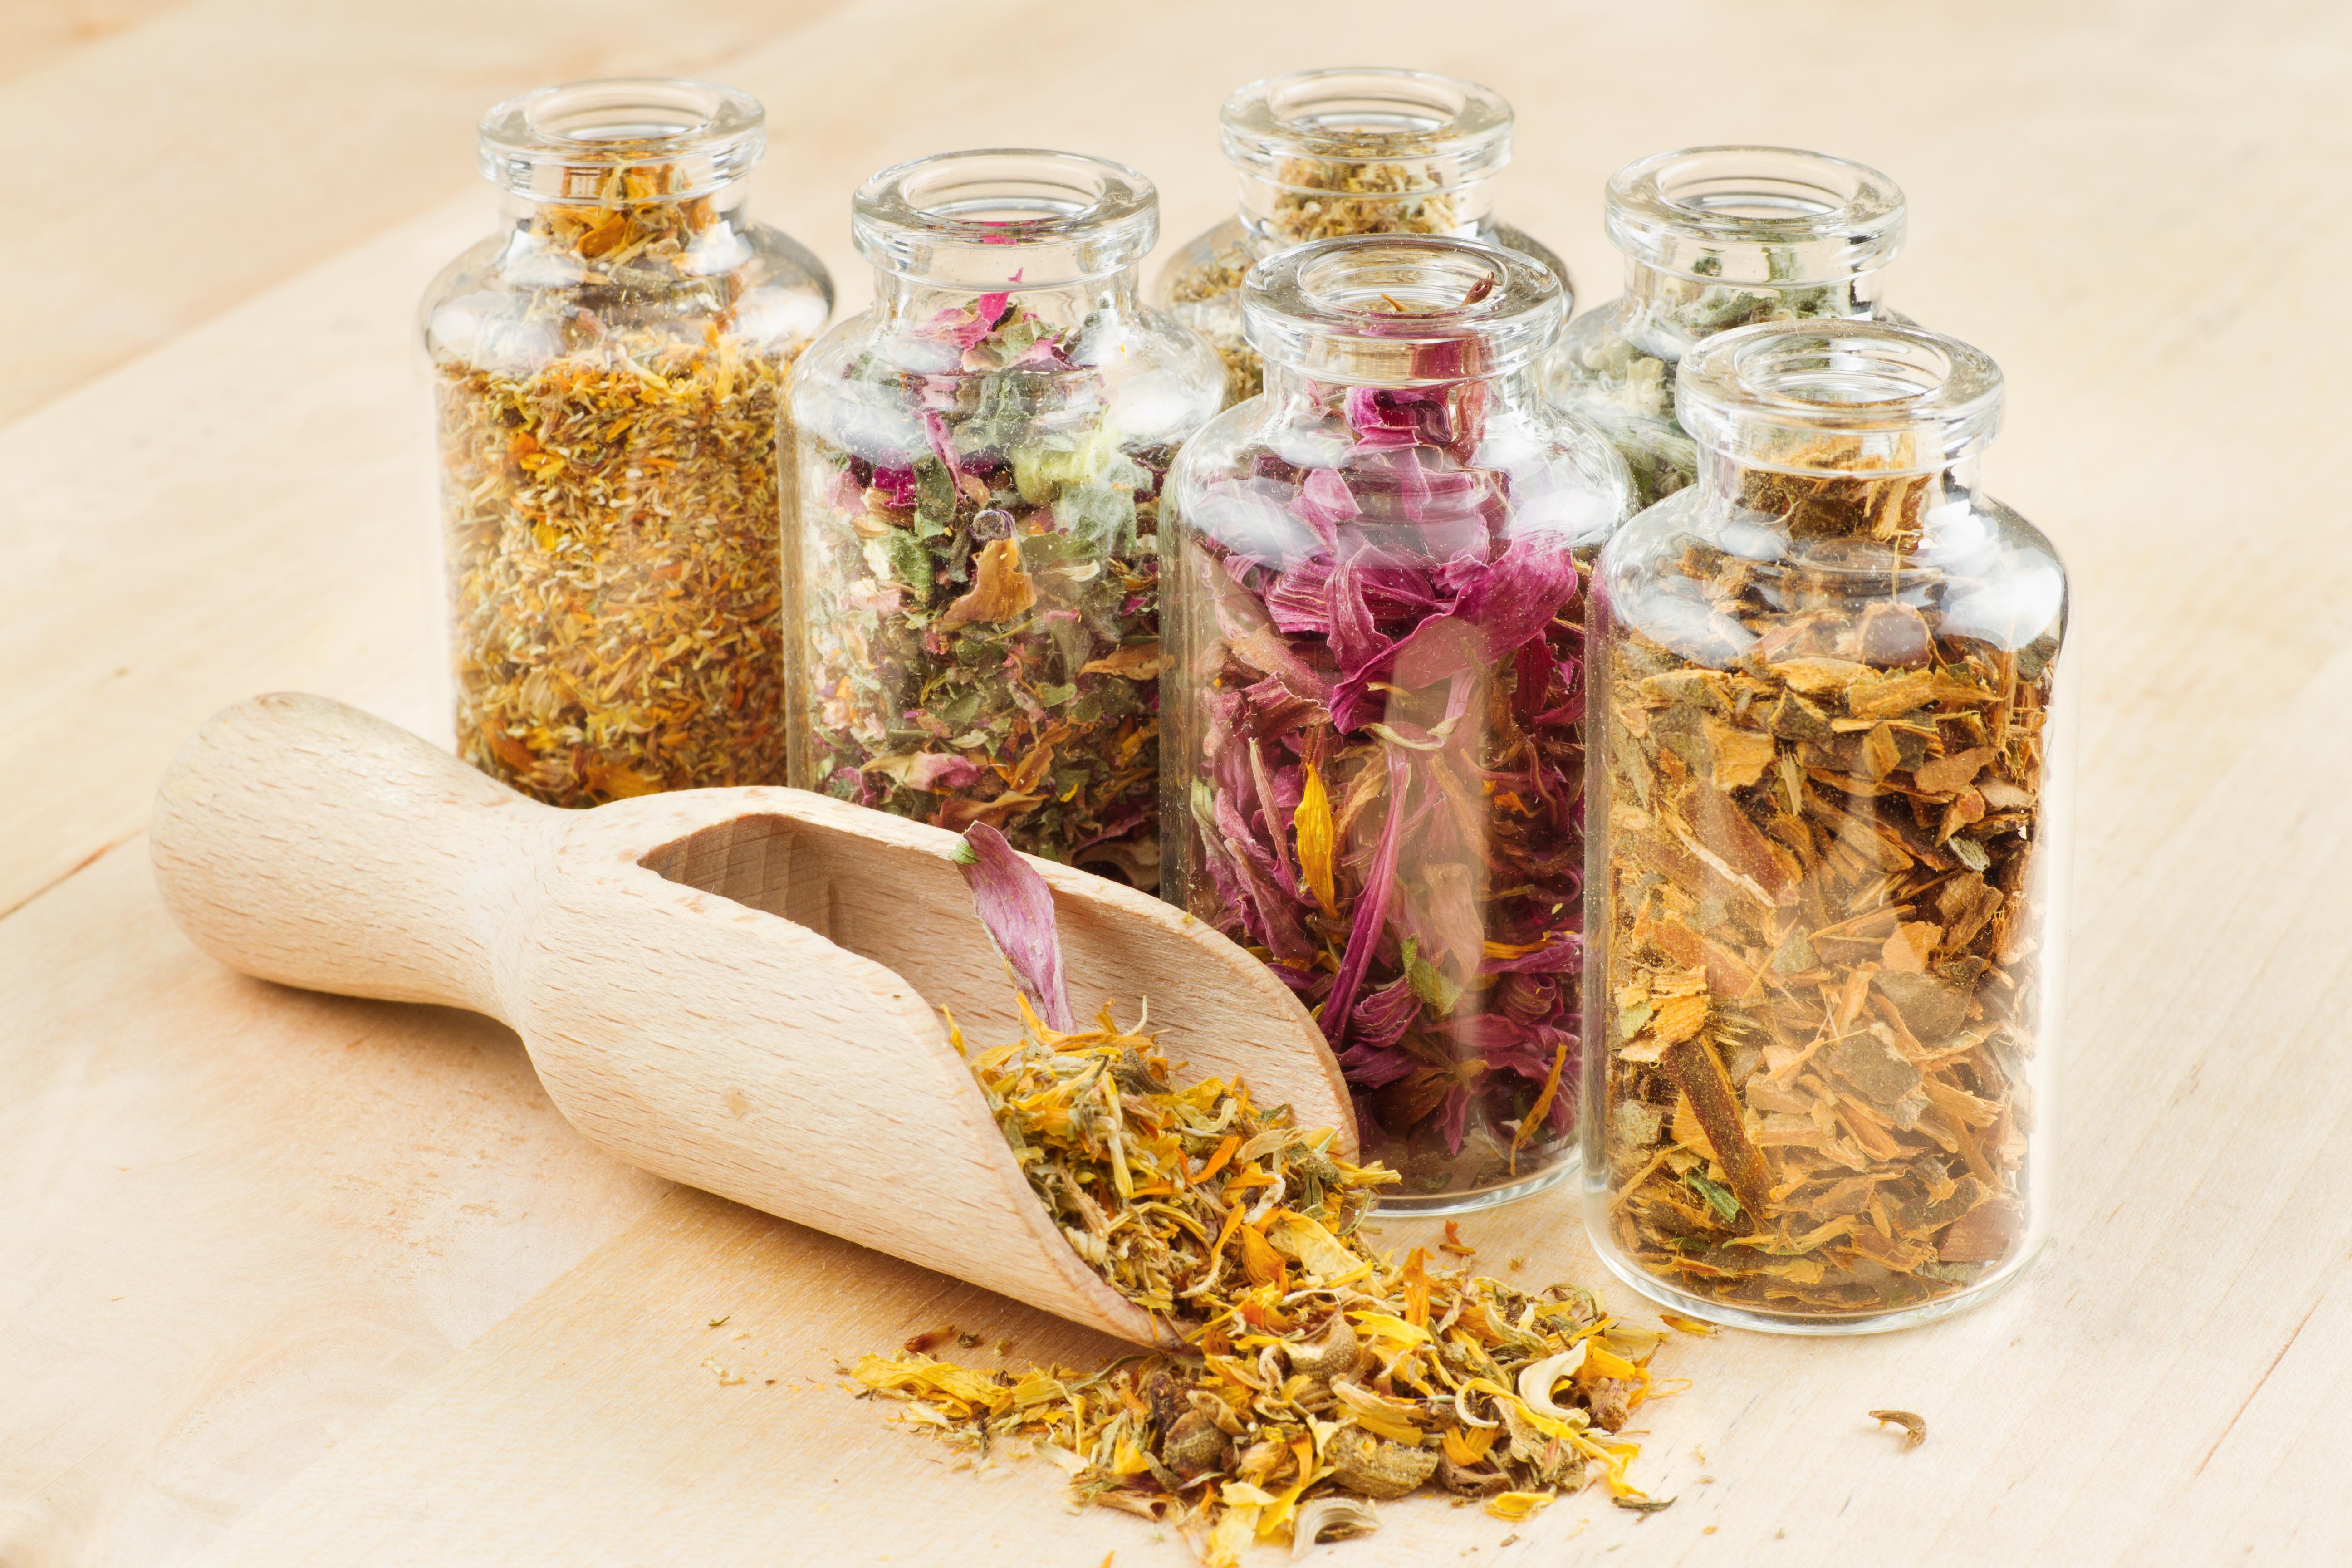 healing herbs in glass bottles and wooden scoop, herbal medicine